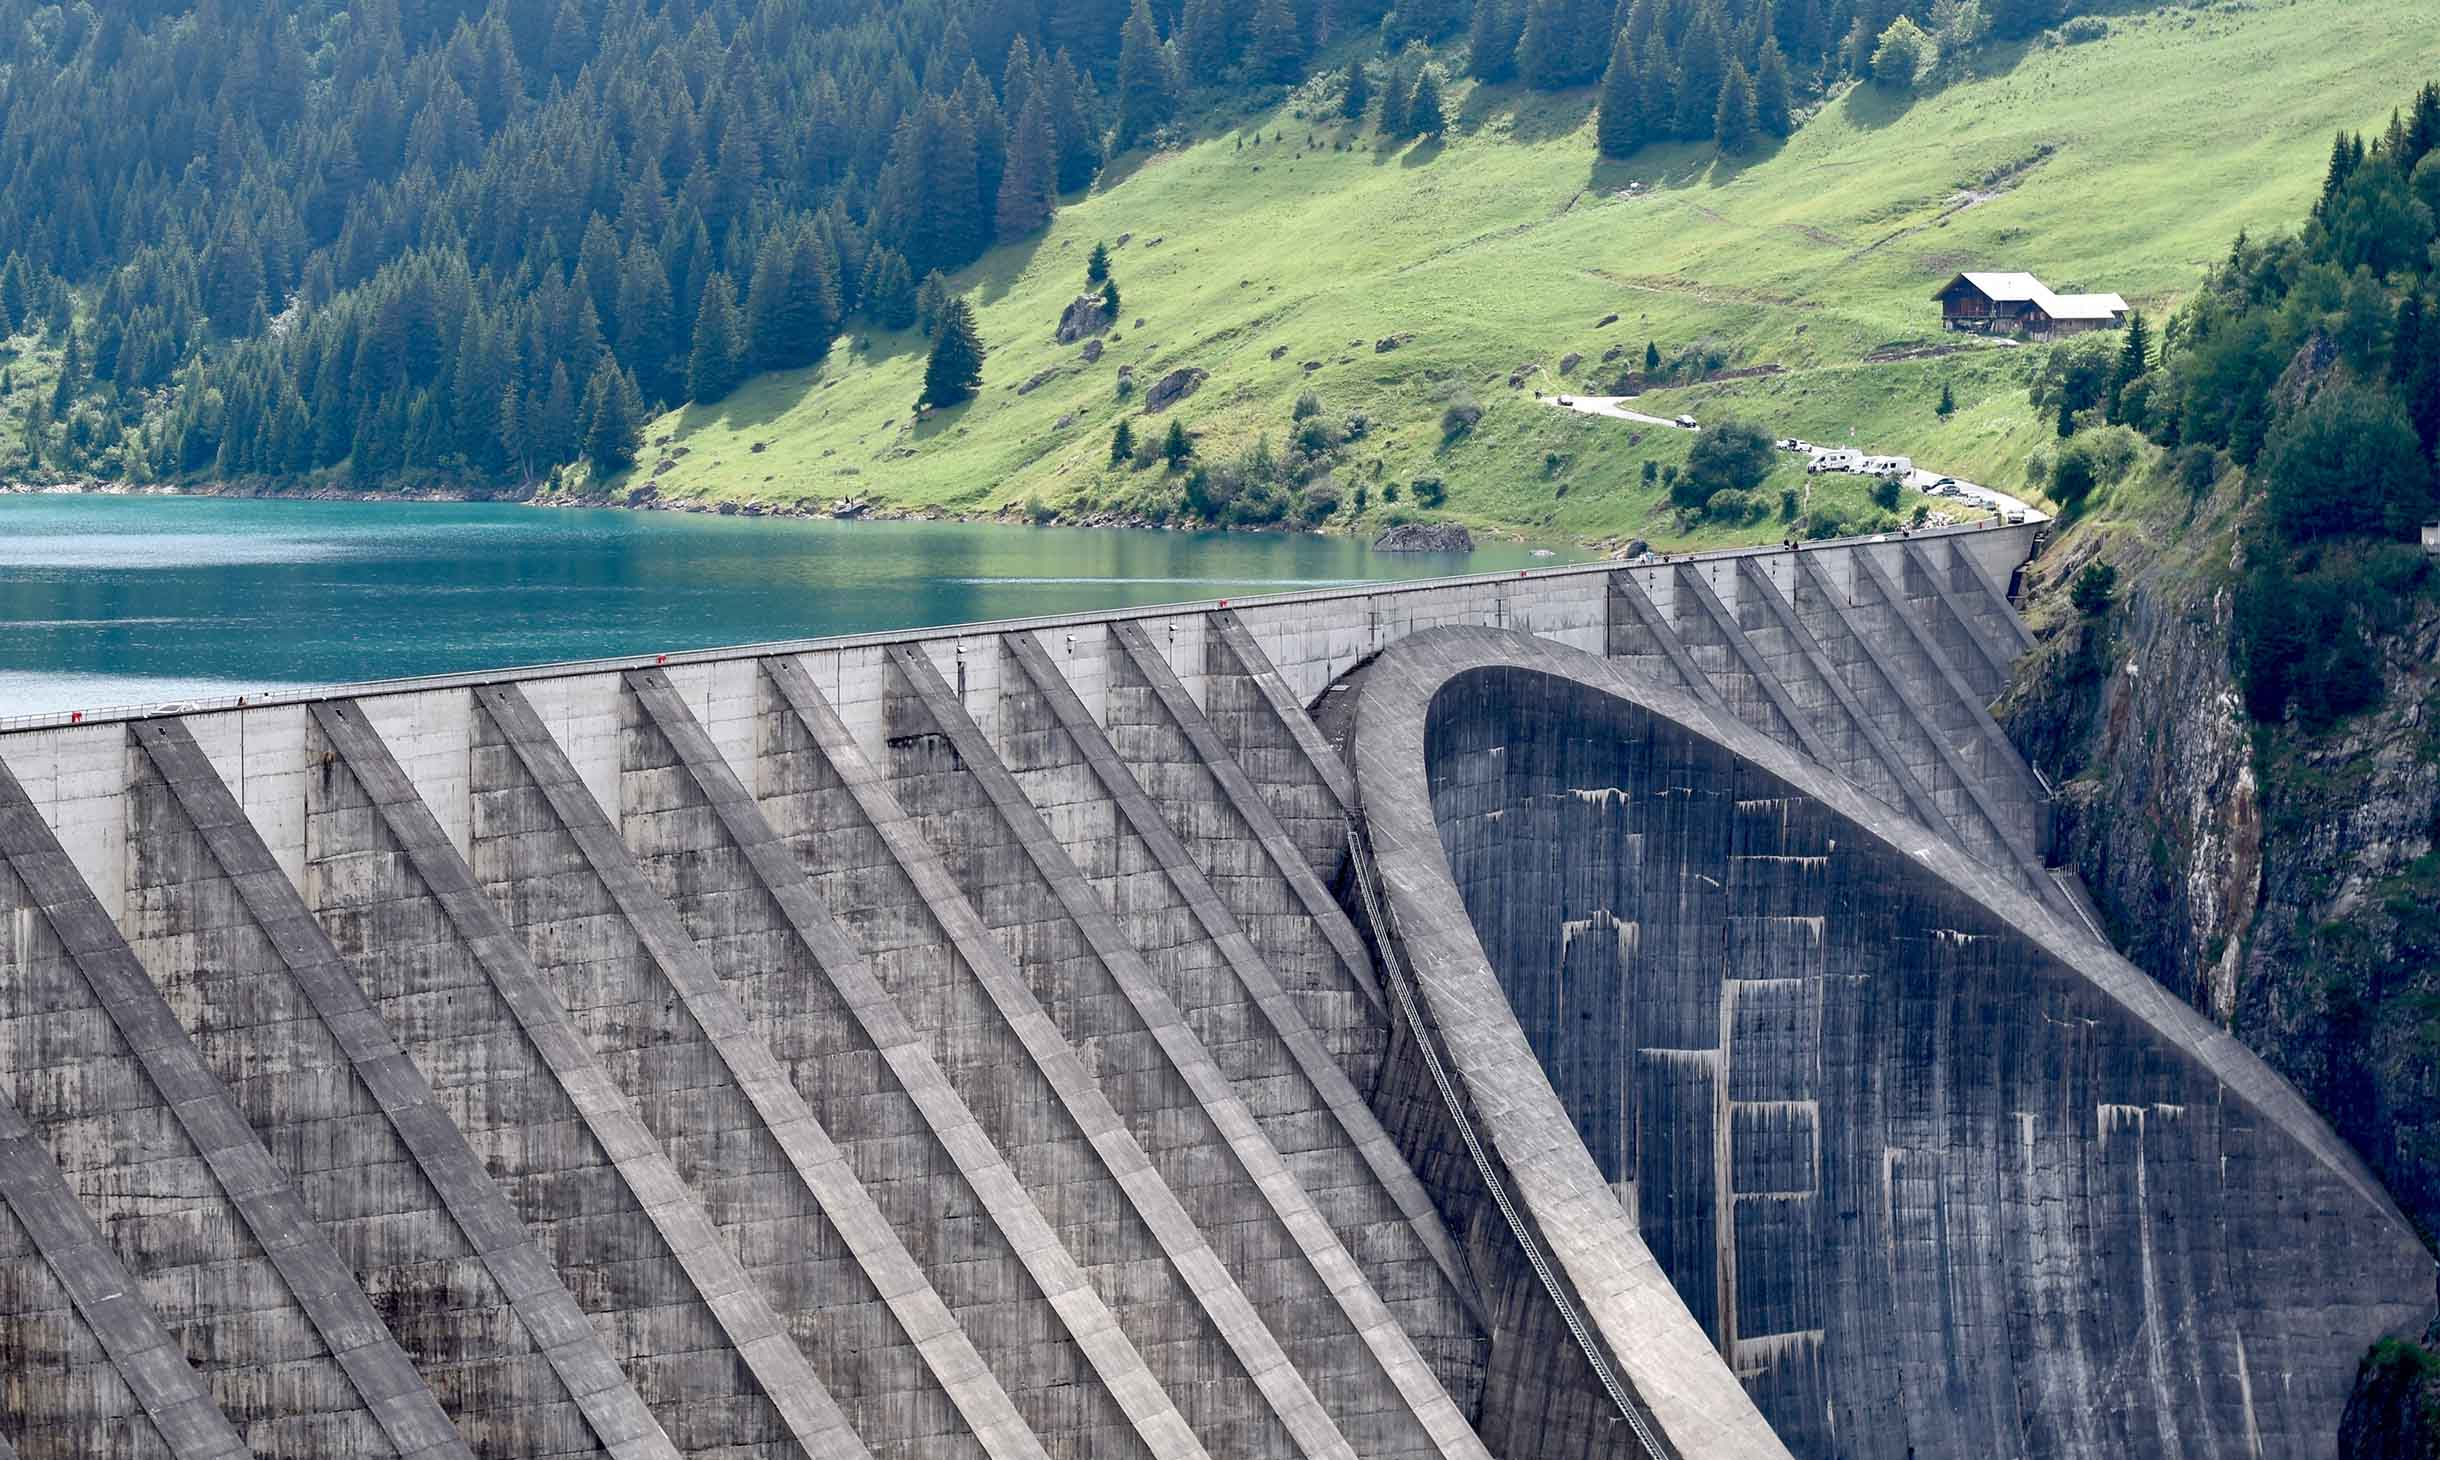 Divers productportfolio van AVK omvat een uitgebreid assortiment producten voor dammen en reservoirs